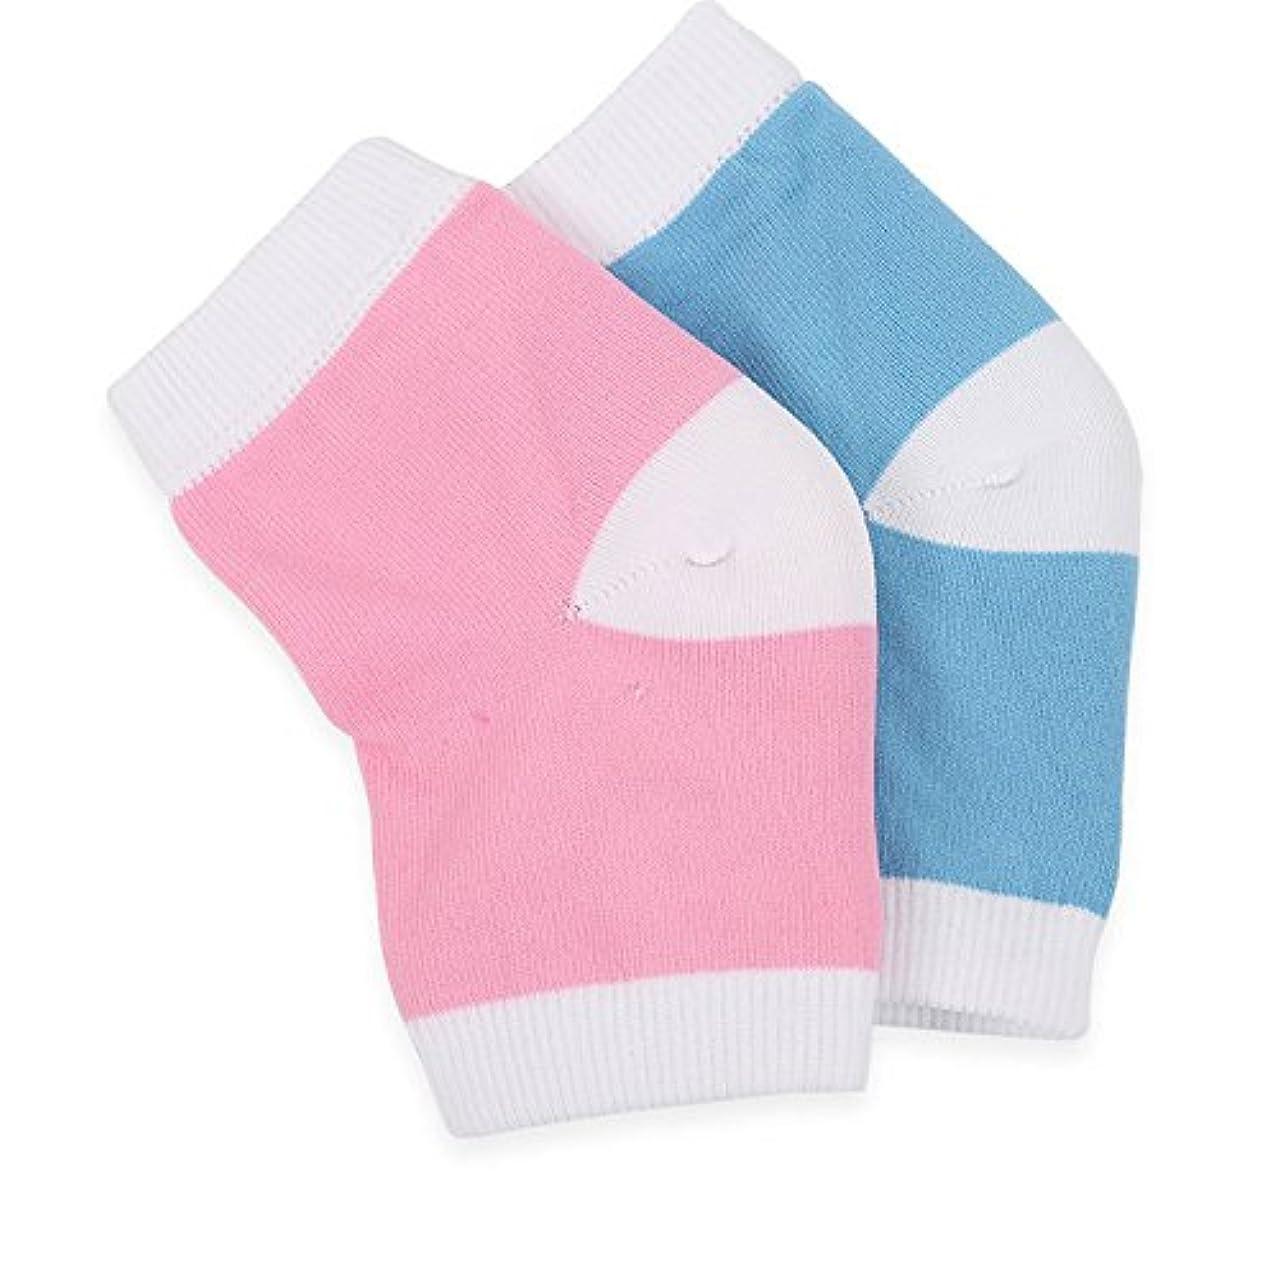 ヘッドレス母そっと【Ban Ban Corp.】かかと ひび割れ つるつる 角質 保湿 ケア 靴下 ソックス (3)